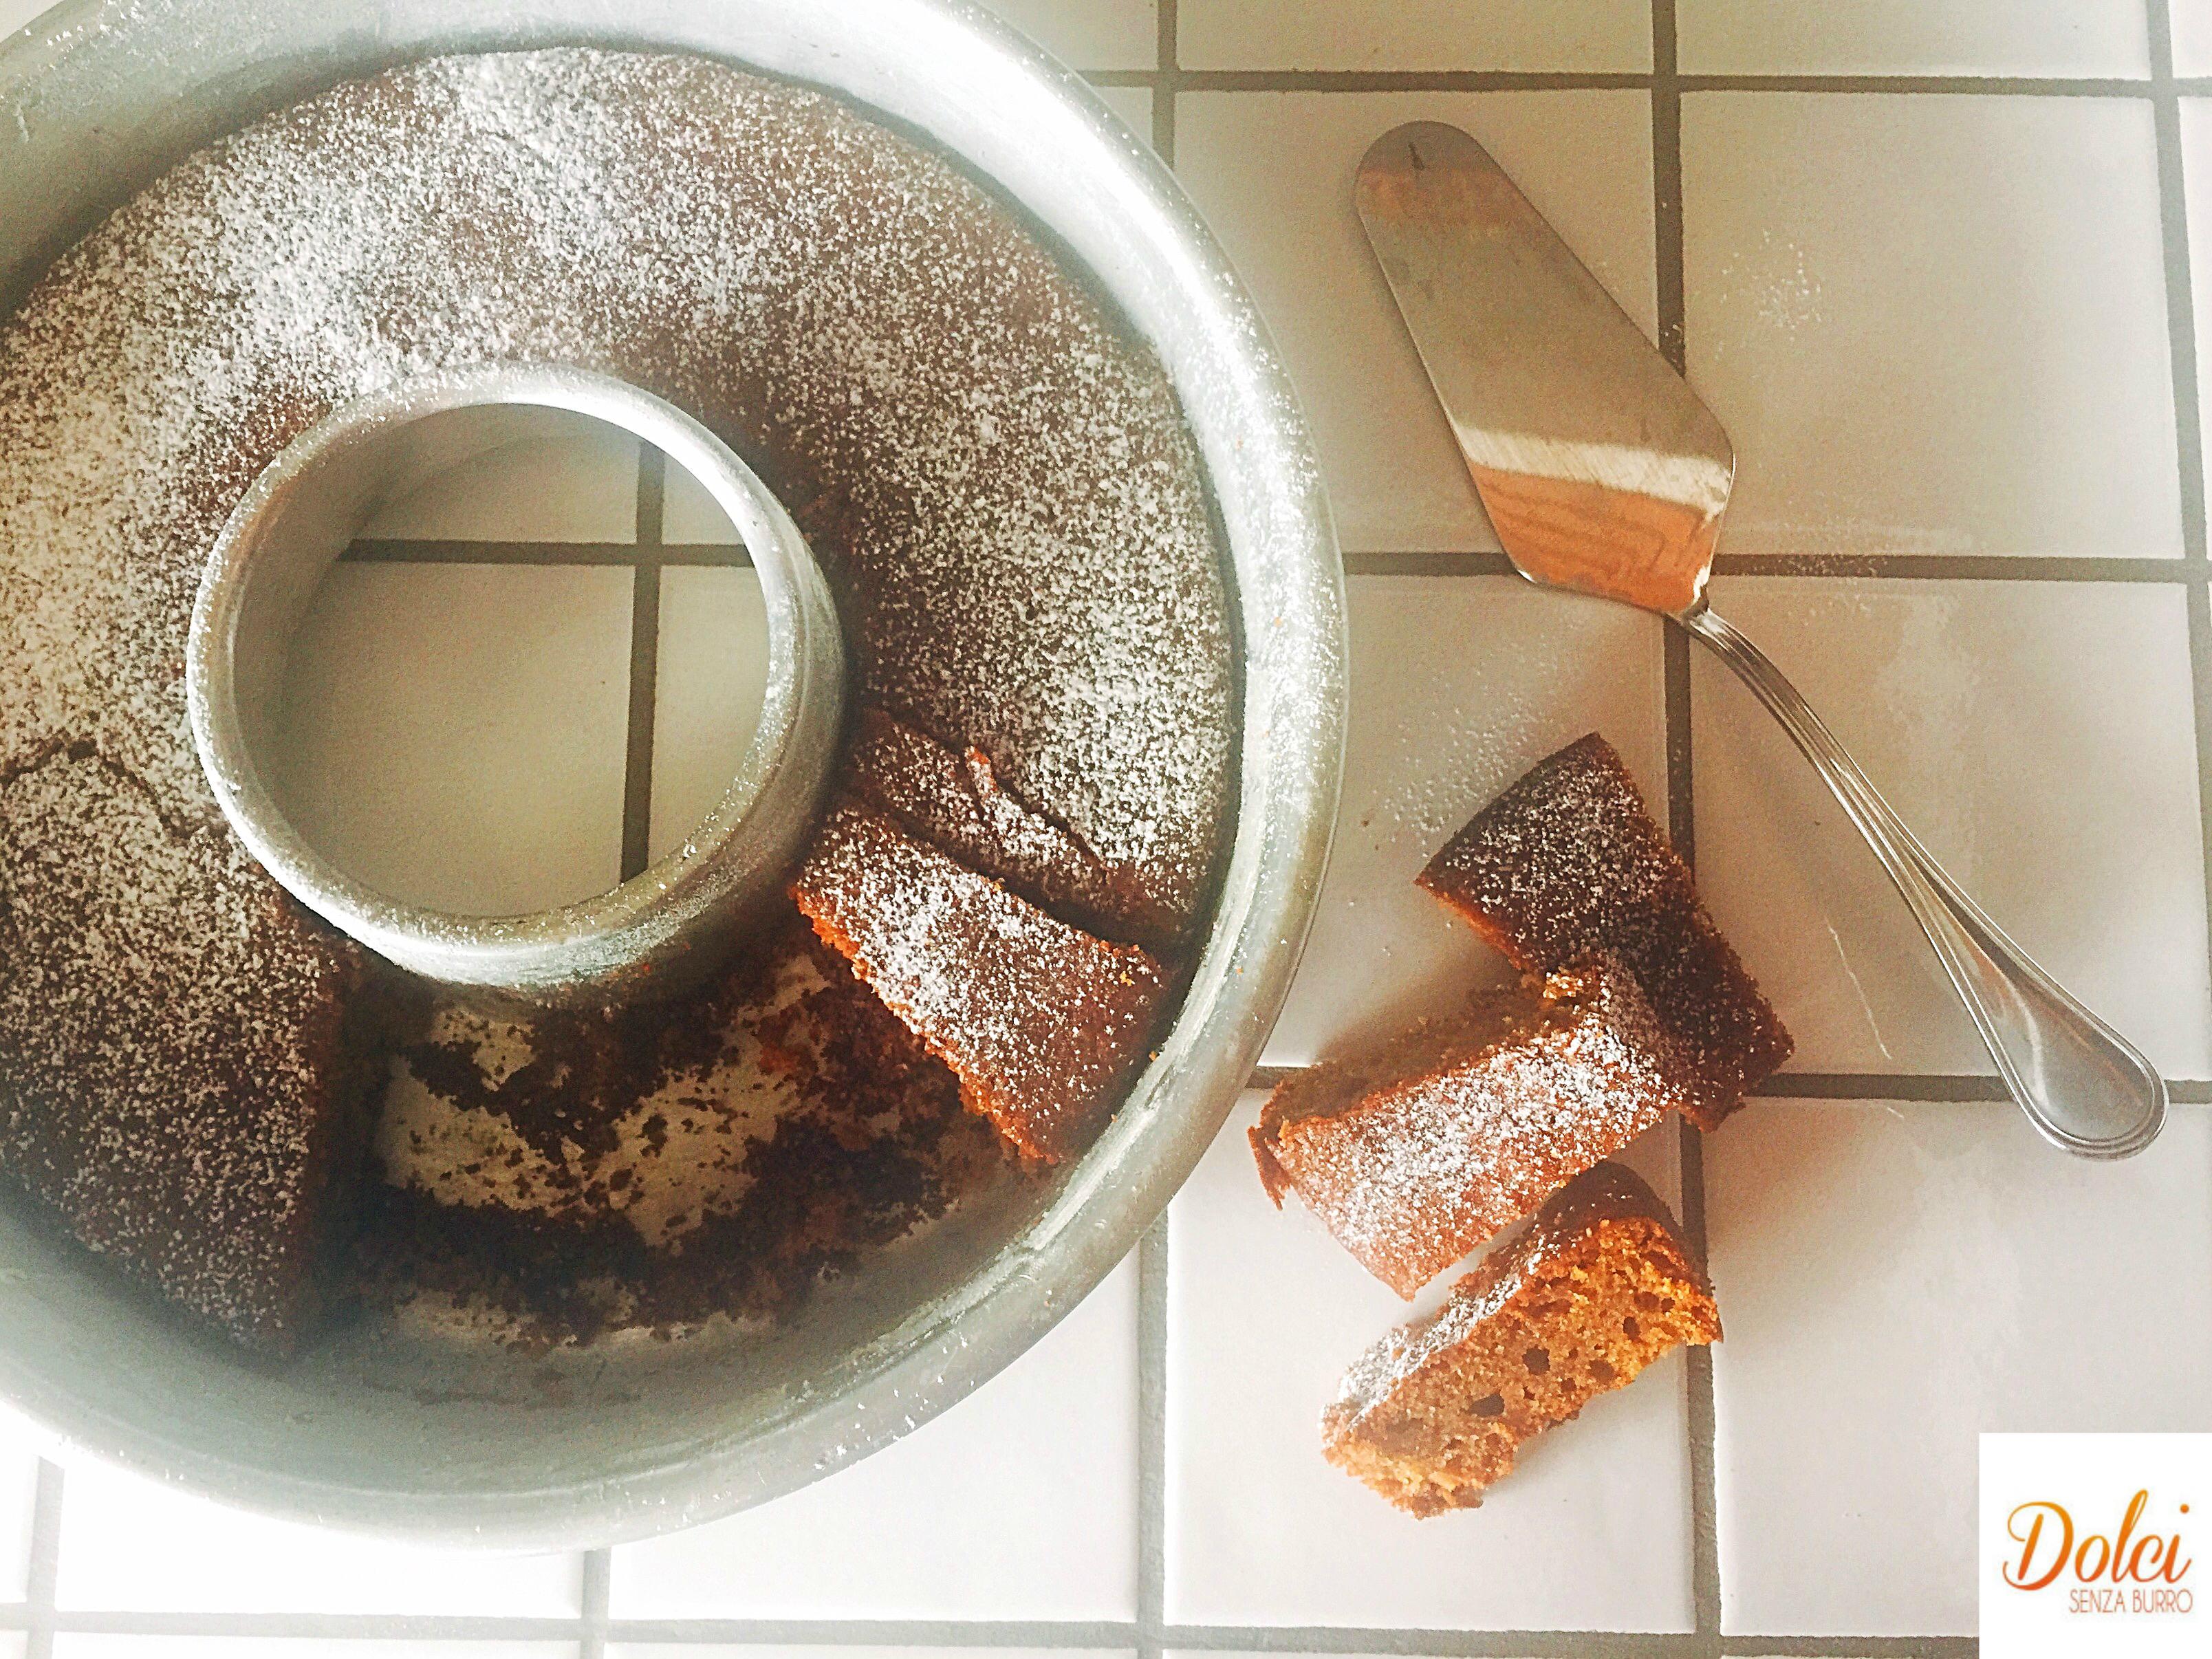 Torta allo Zucchero di Cocco Senza Burro, un dolce dal sapore goloso e sfizioso di dolci senza burro